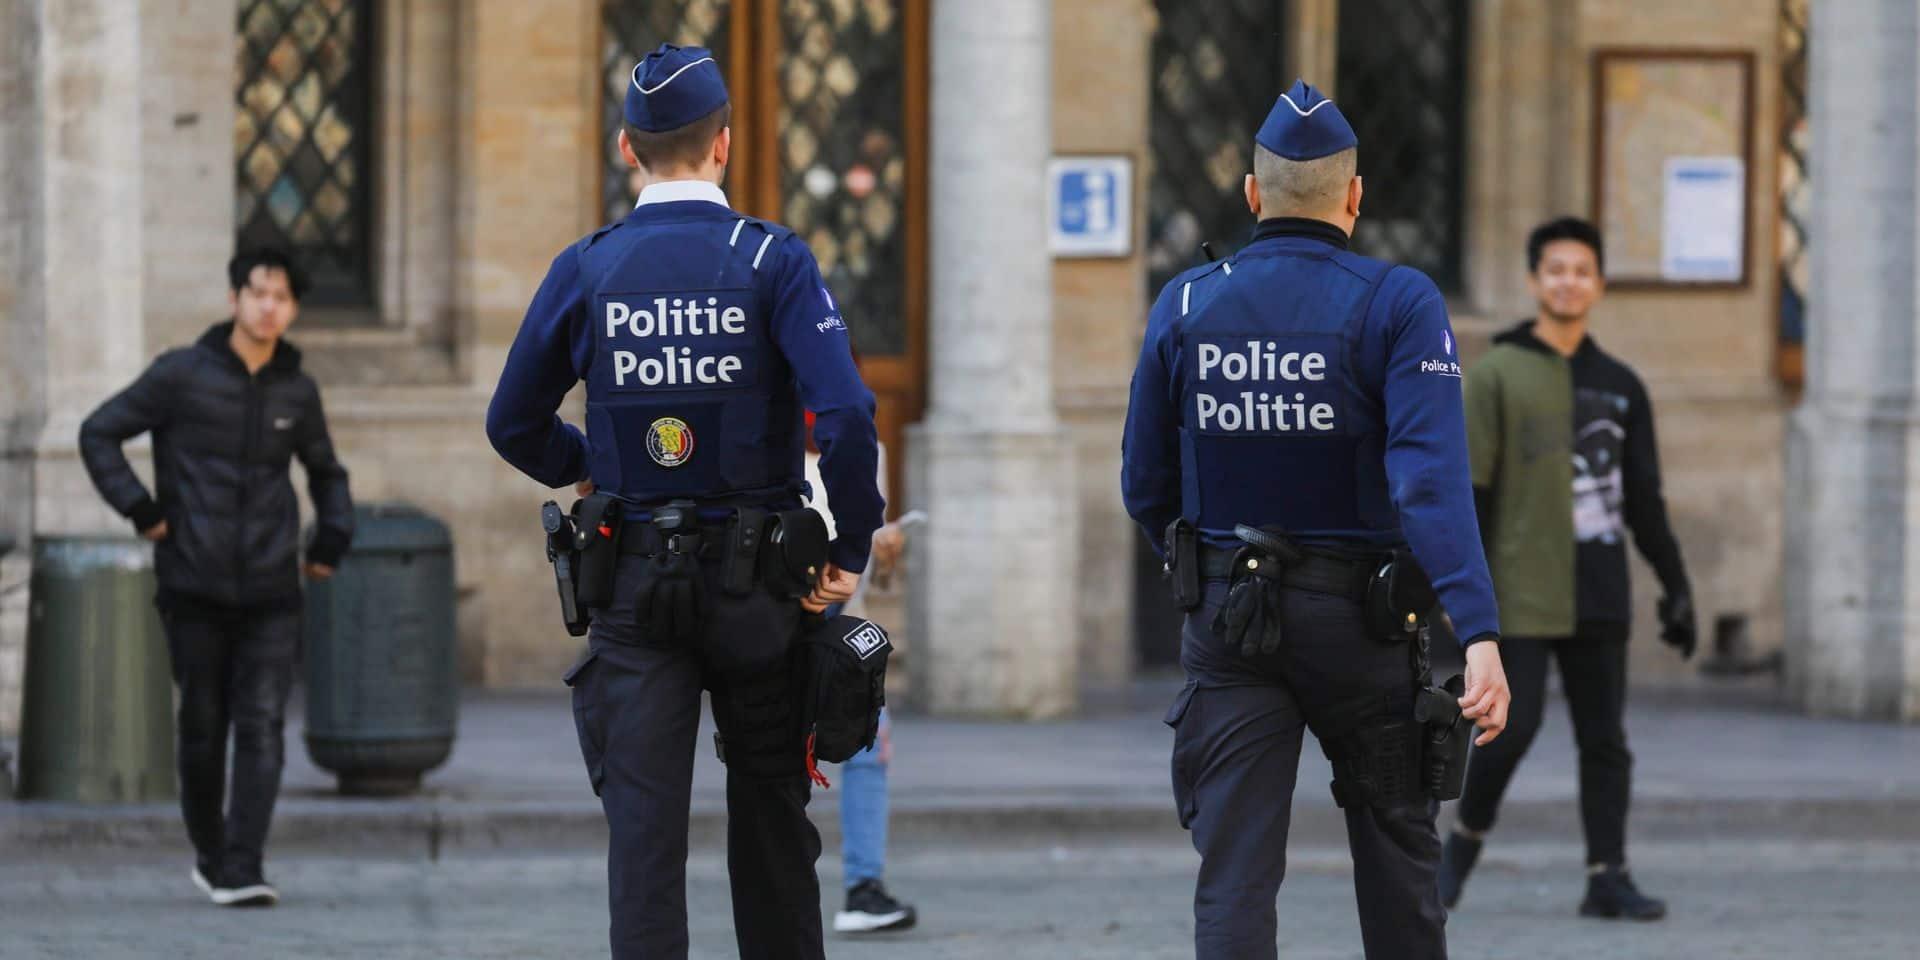 Selon le rapport de PoliceWatch, les jeunes sont davantage la cible de dérapages policiers.